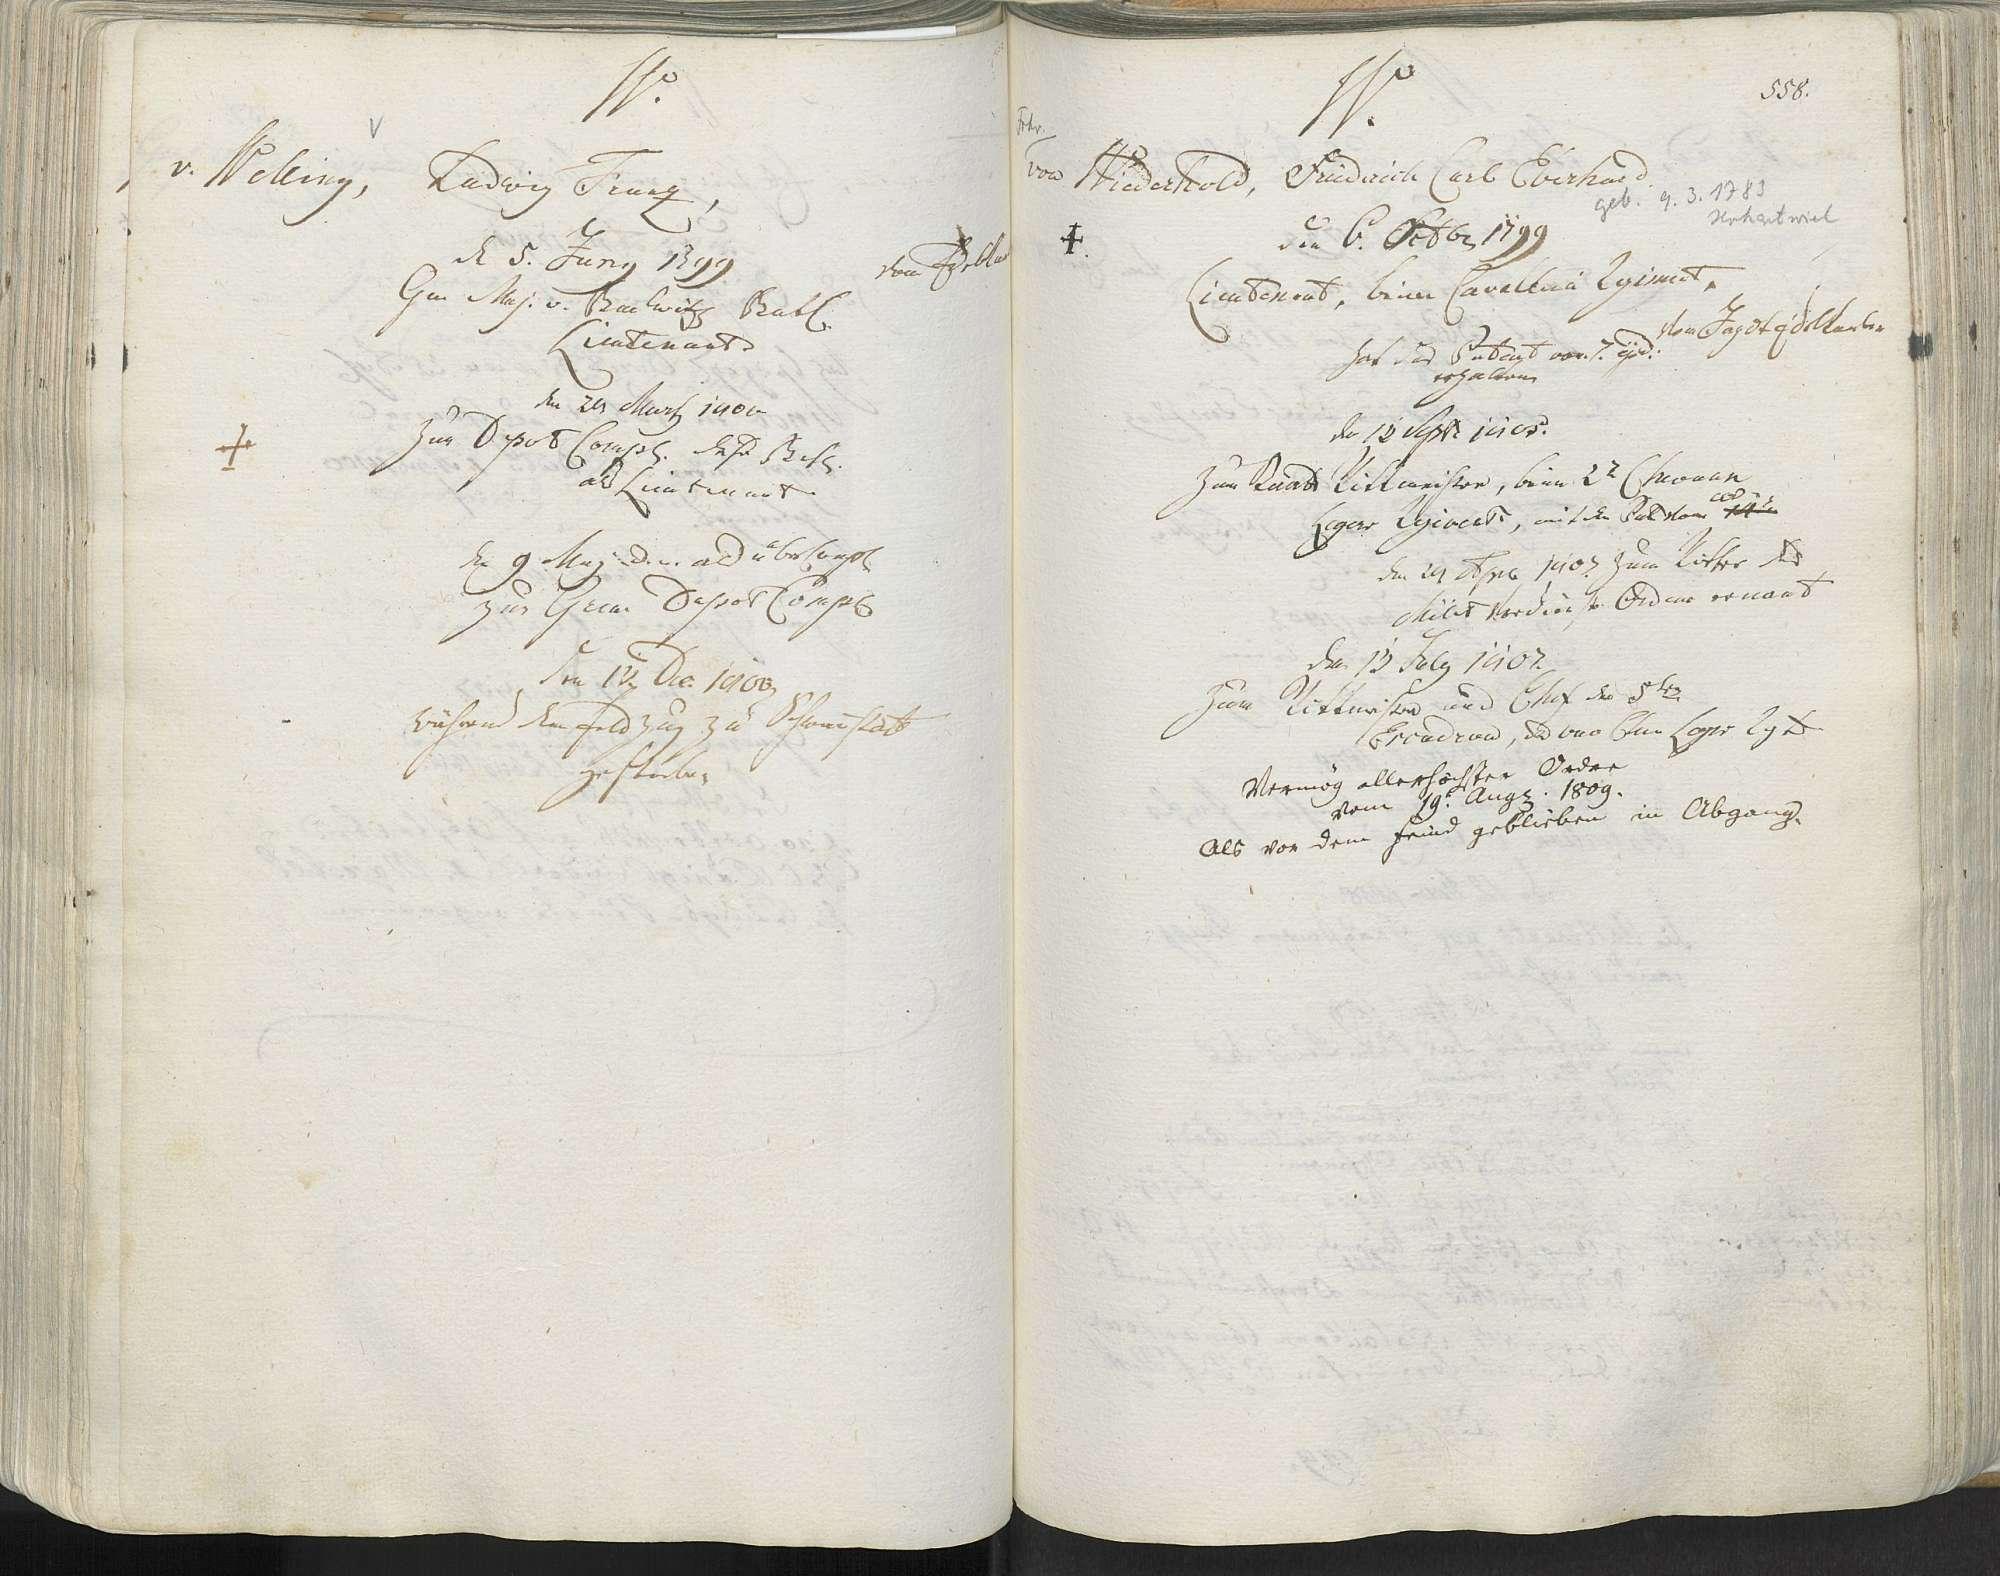 Wiederhold, Friedrich Carl Eberhard Freiherr von, Bild 1